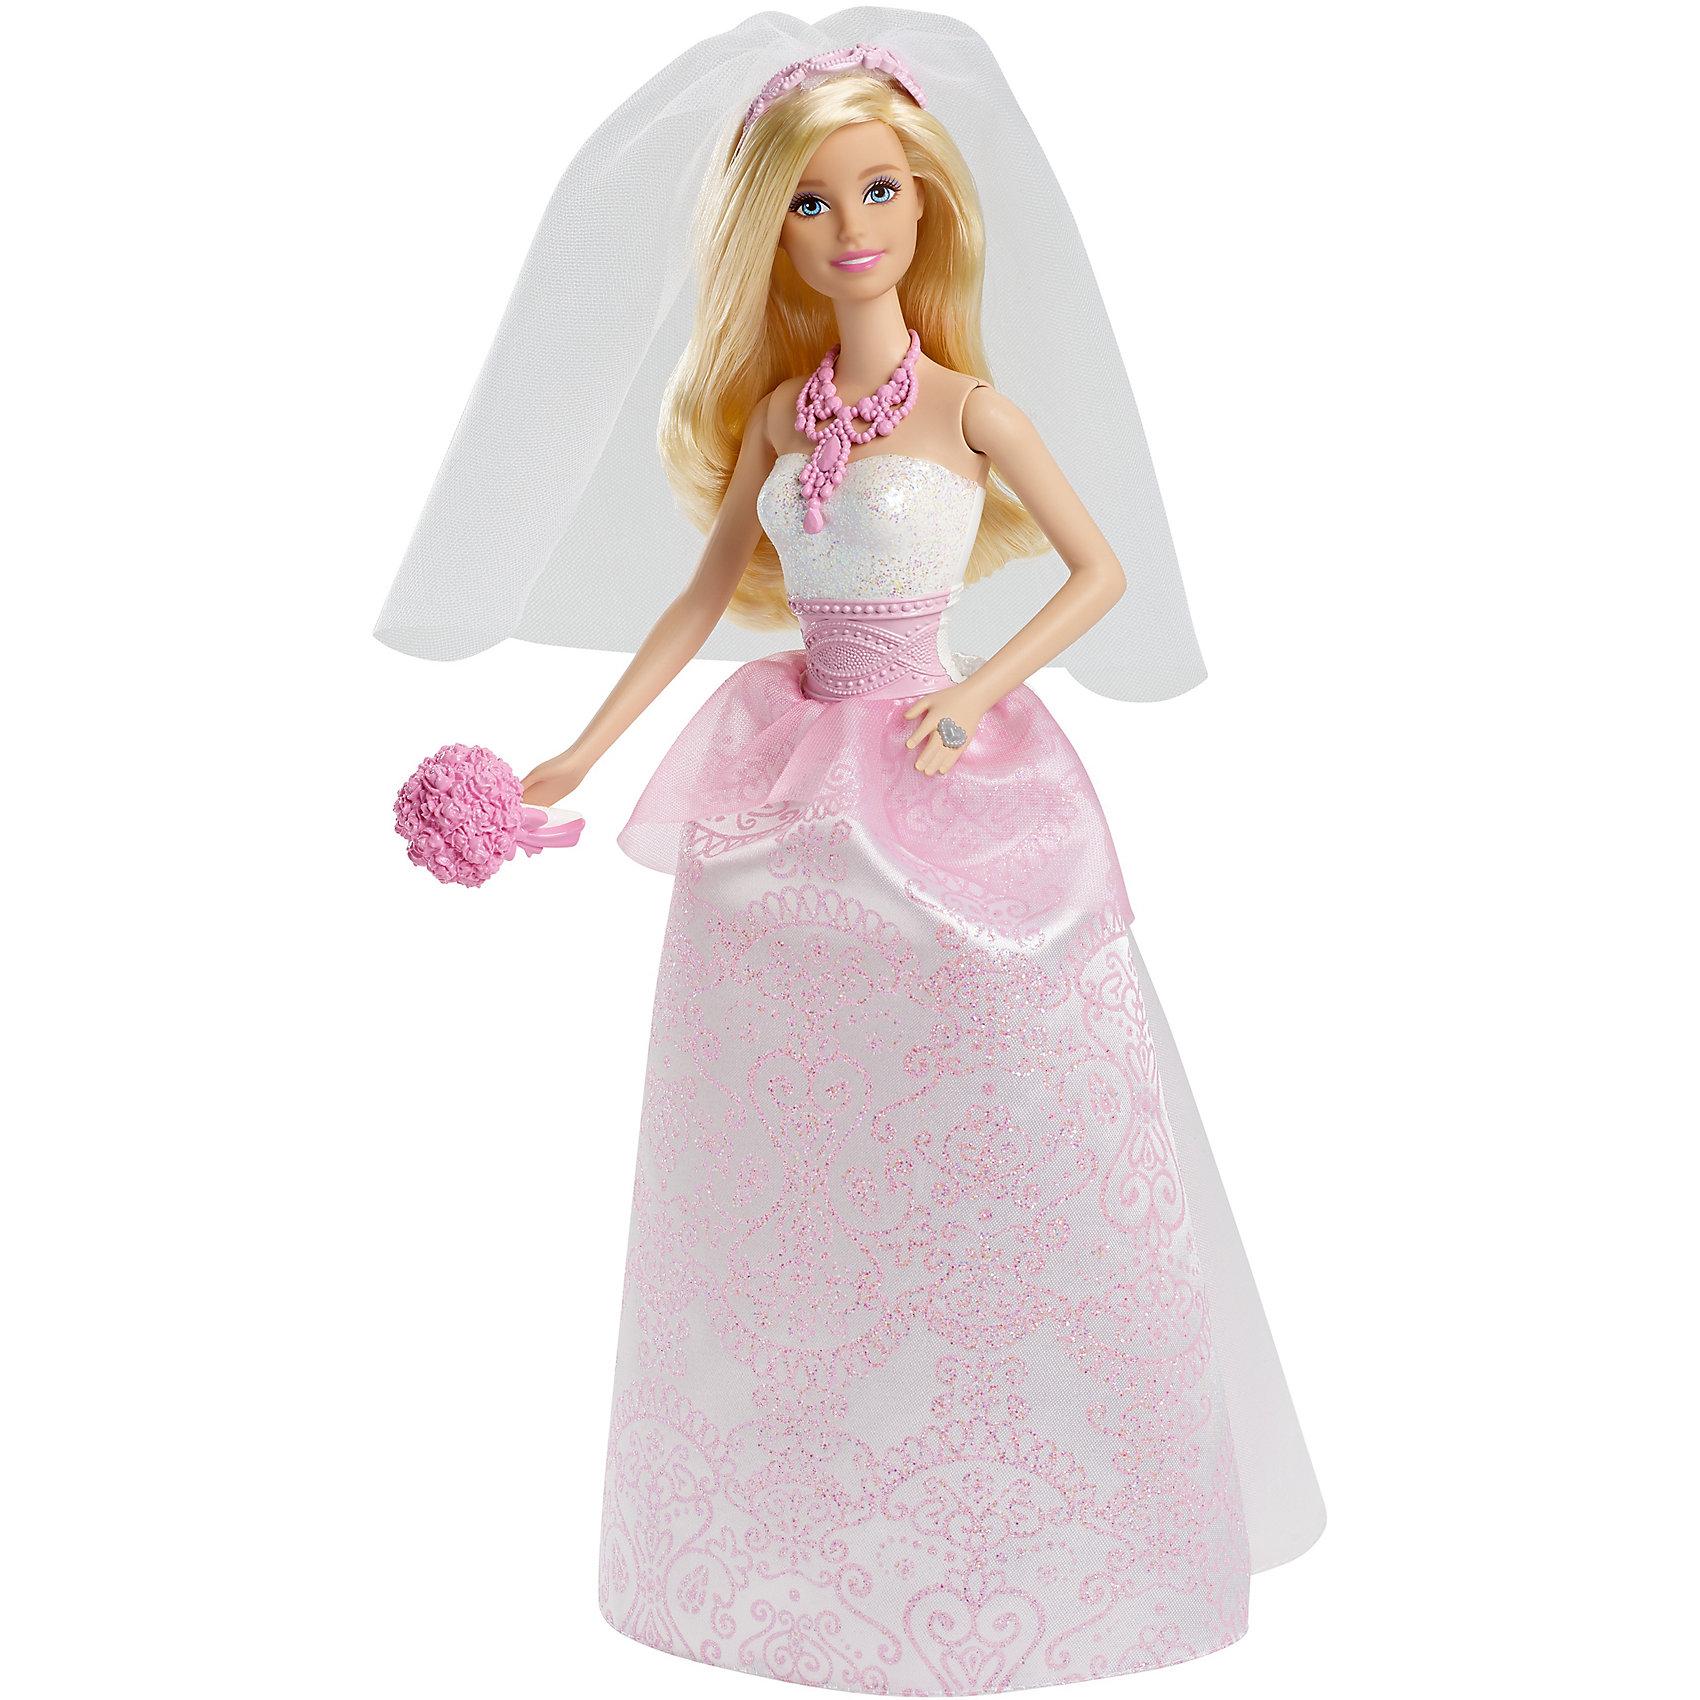 Кукла-невеста BarbieИгрушки<br>С этой красивой куклой-невестой девочки смогут разыгрывать шикарную сказочную свадьбу! Она одета в чудесное платье и готова покорить сердца всех и каждого. Ваше внимание привлекут красивые кружева и нотки розового в аксессуарах невесты. Длинные белокурые волосы куколки приятно расчесывать, создавая изысканные прически. <br><br>Дополнительная информация:<br><br>- Материал: пластик, текстиль.<br>- Размер: 29 см.<br>- Голова, руки, ноги подвижные.<br>- Комплектация: куколка, одежда, аксессуары. <br><br>Сказочную невесту, Barbie (Барби), можно купить в нашем магазине.<br><br>Ширина мм: 328<br>Глубина мм: 152<br>Высота мм: 62<br>Вес г: 200<br>Возраст от месяцев: 36<br>Возраст до месяцев: 96<br>Пол: Женский<br>Возраст: Детский<br>SKU: 3858560